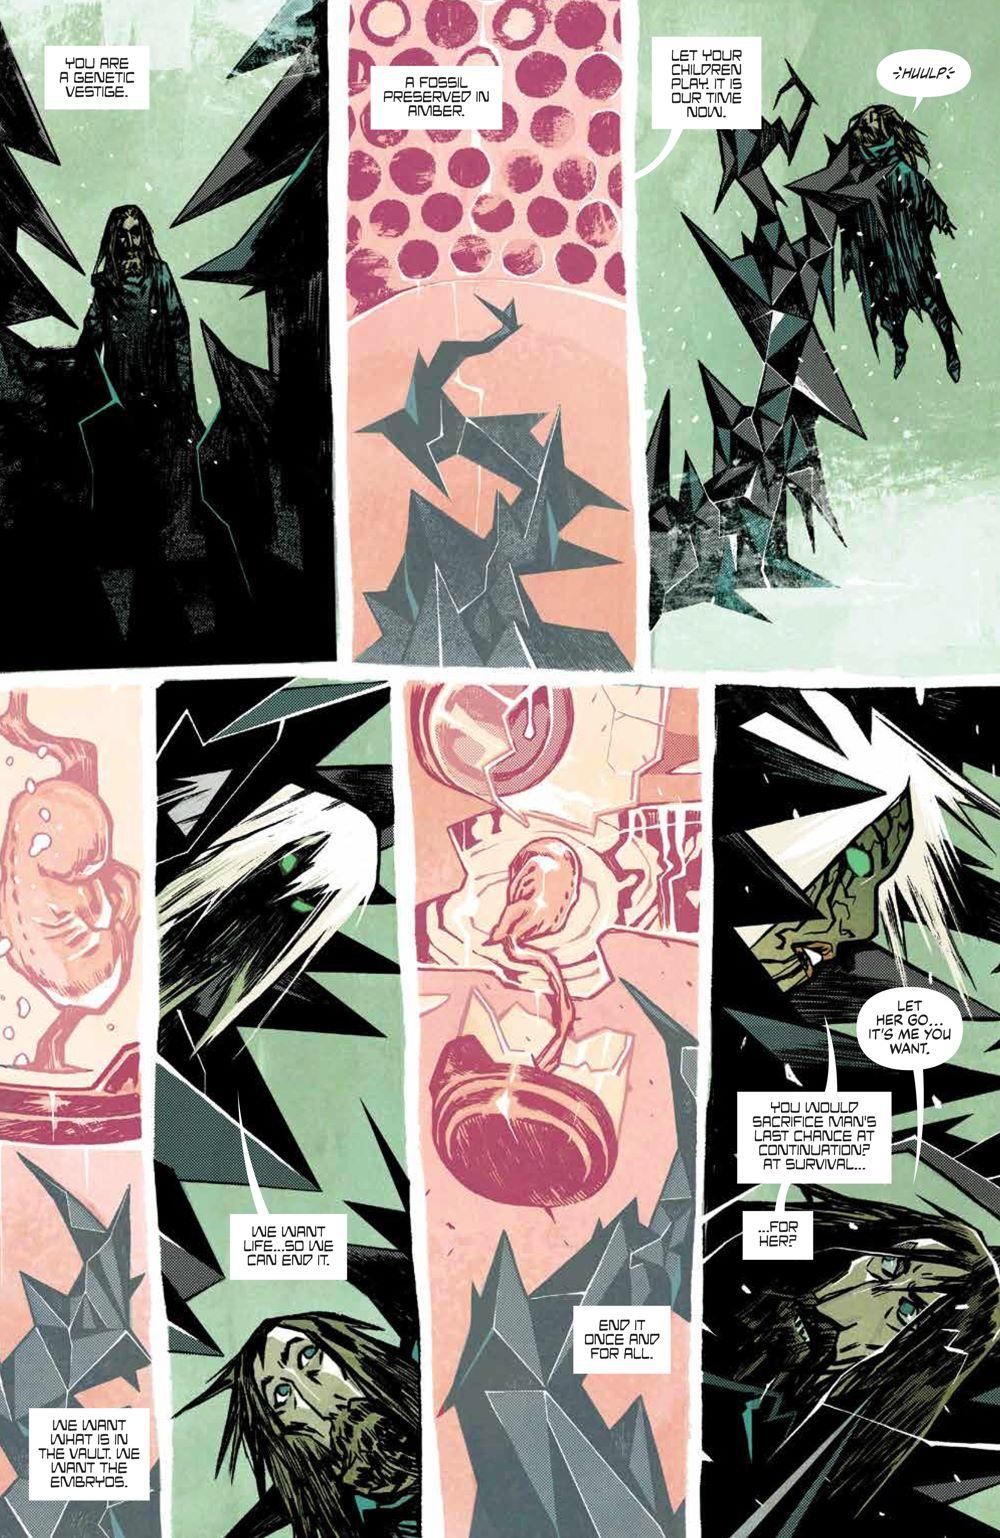 Origins_006_PRESS_7 ComicList Previews: ORIGINS #6 (OF 6)